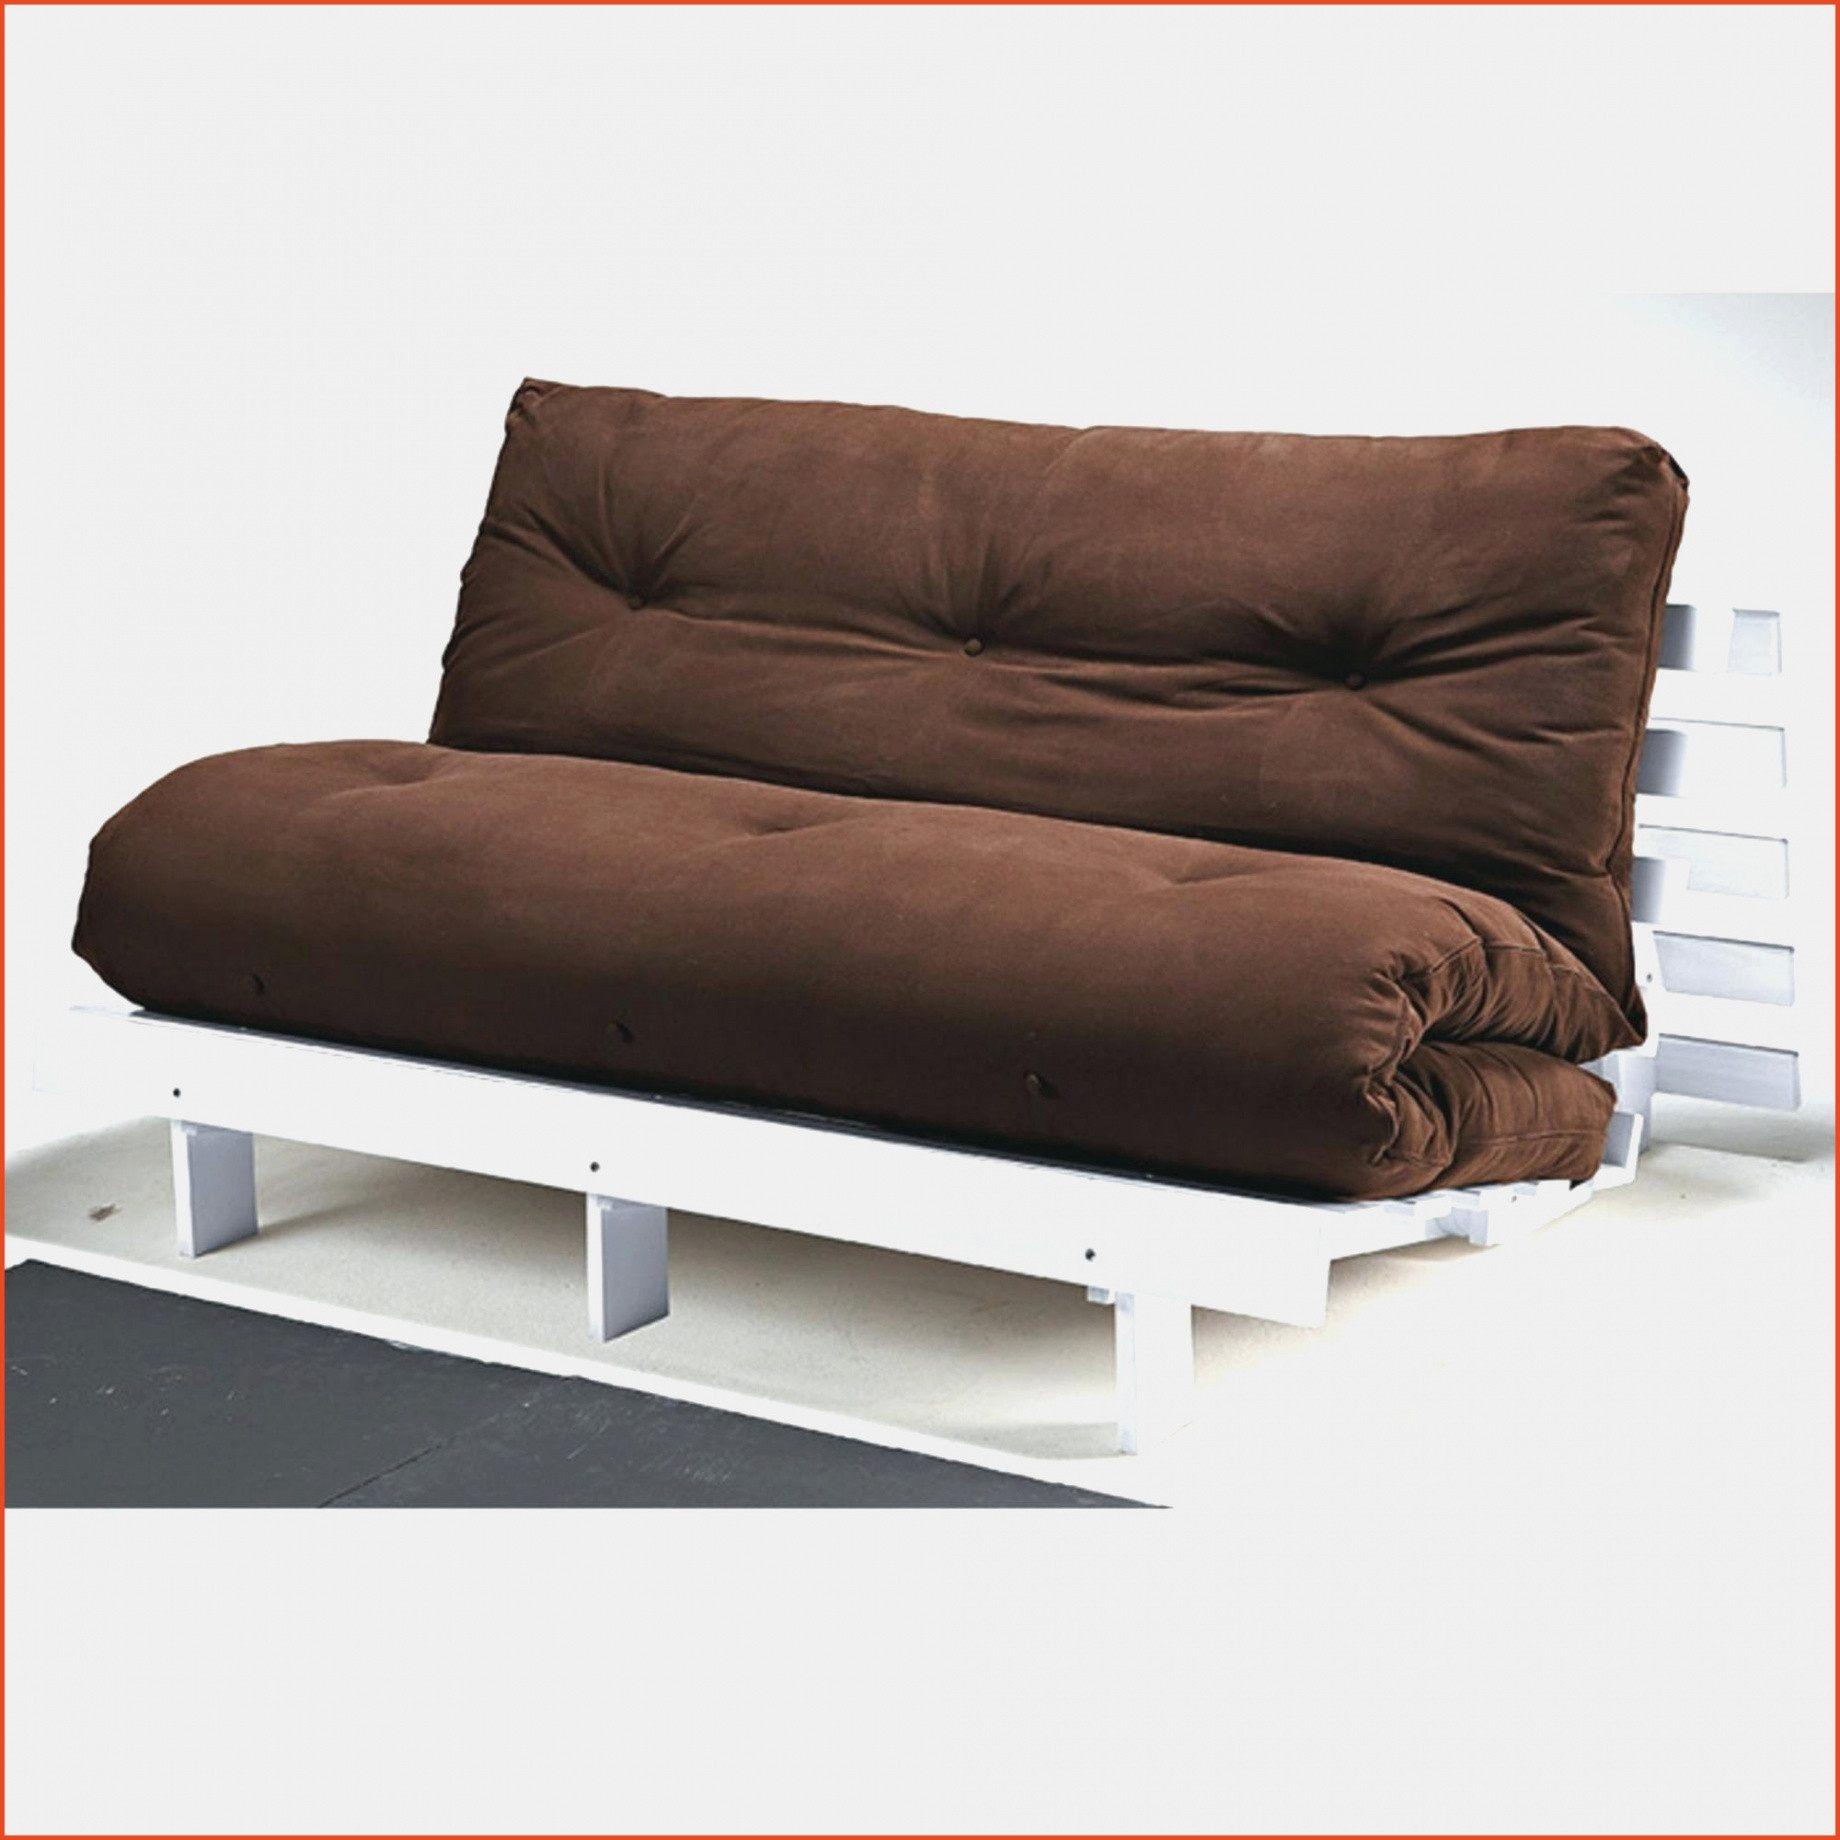 Canapé Lit Couchage Quotidien Meilleur De Impressionnant Canapé Lit Couchage Quoti N Ikea Canapé Convertible